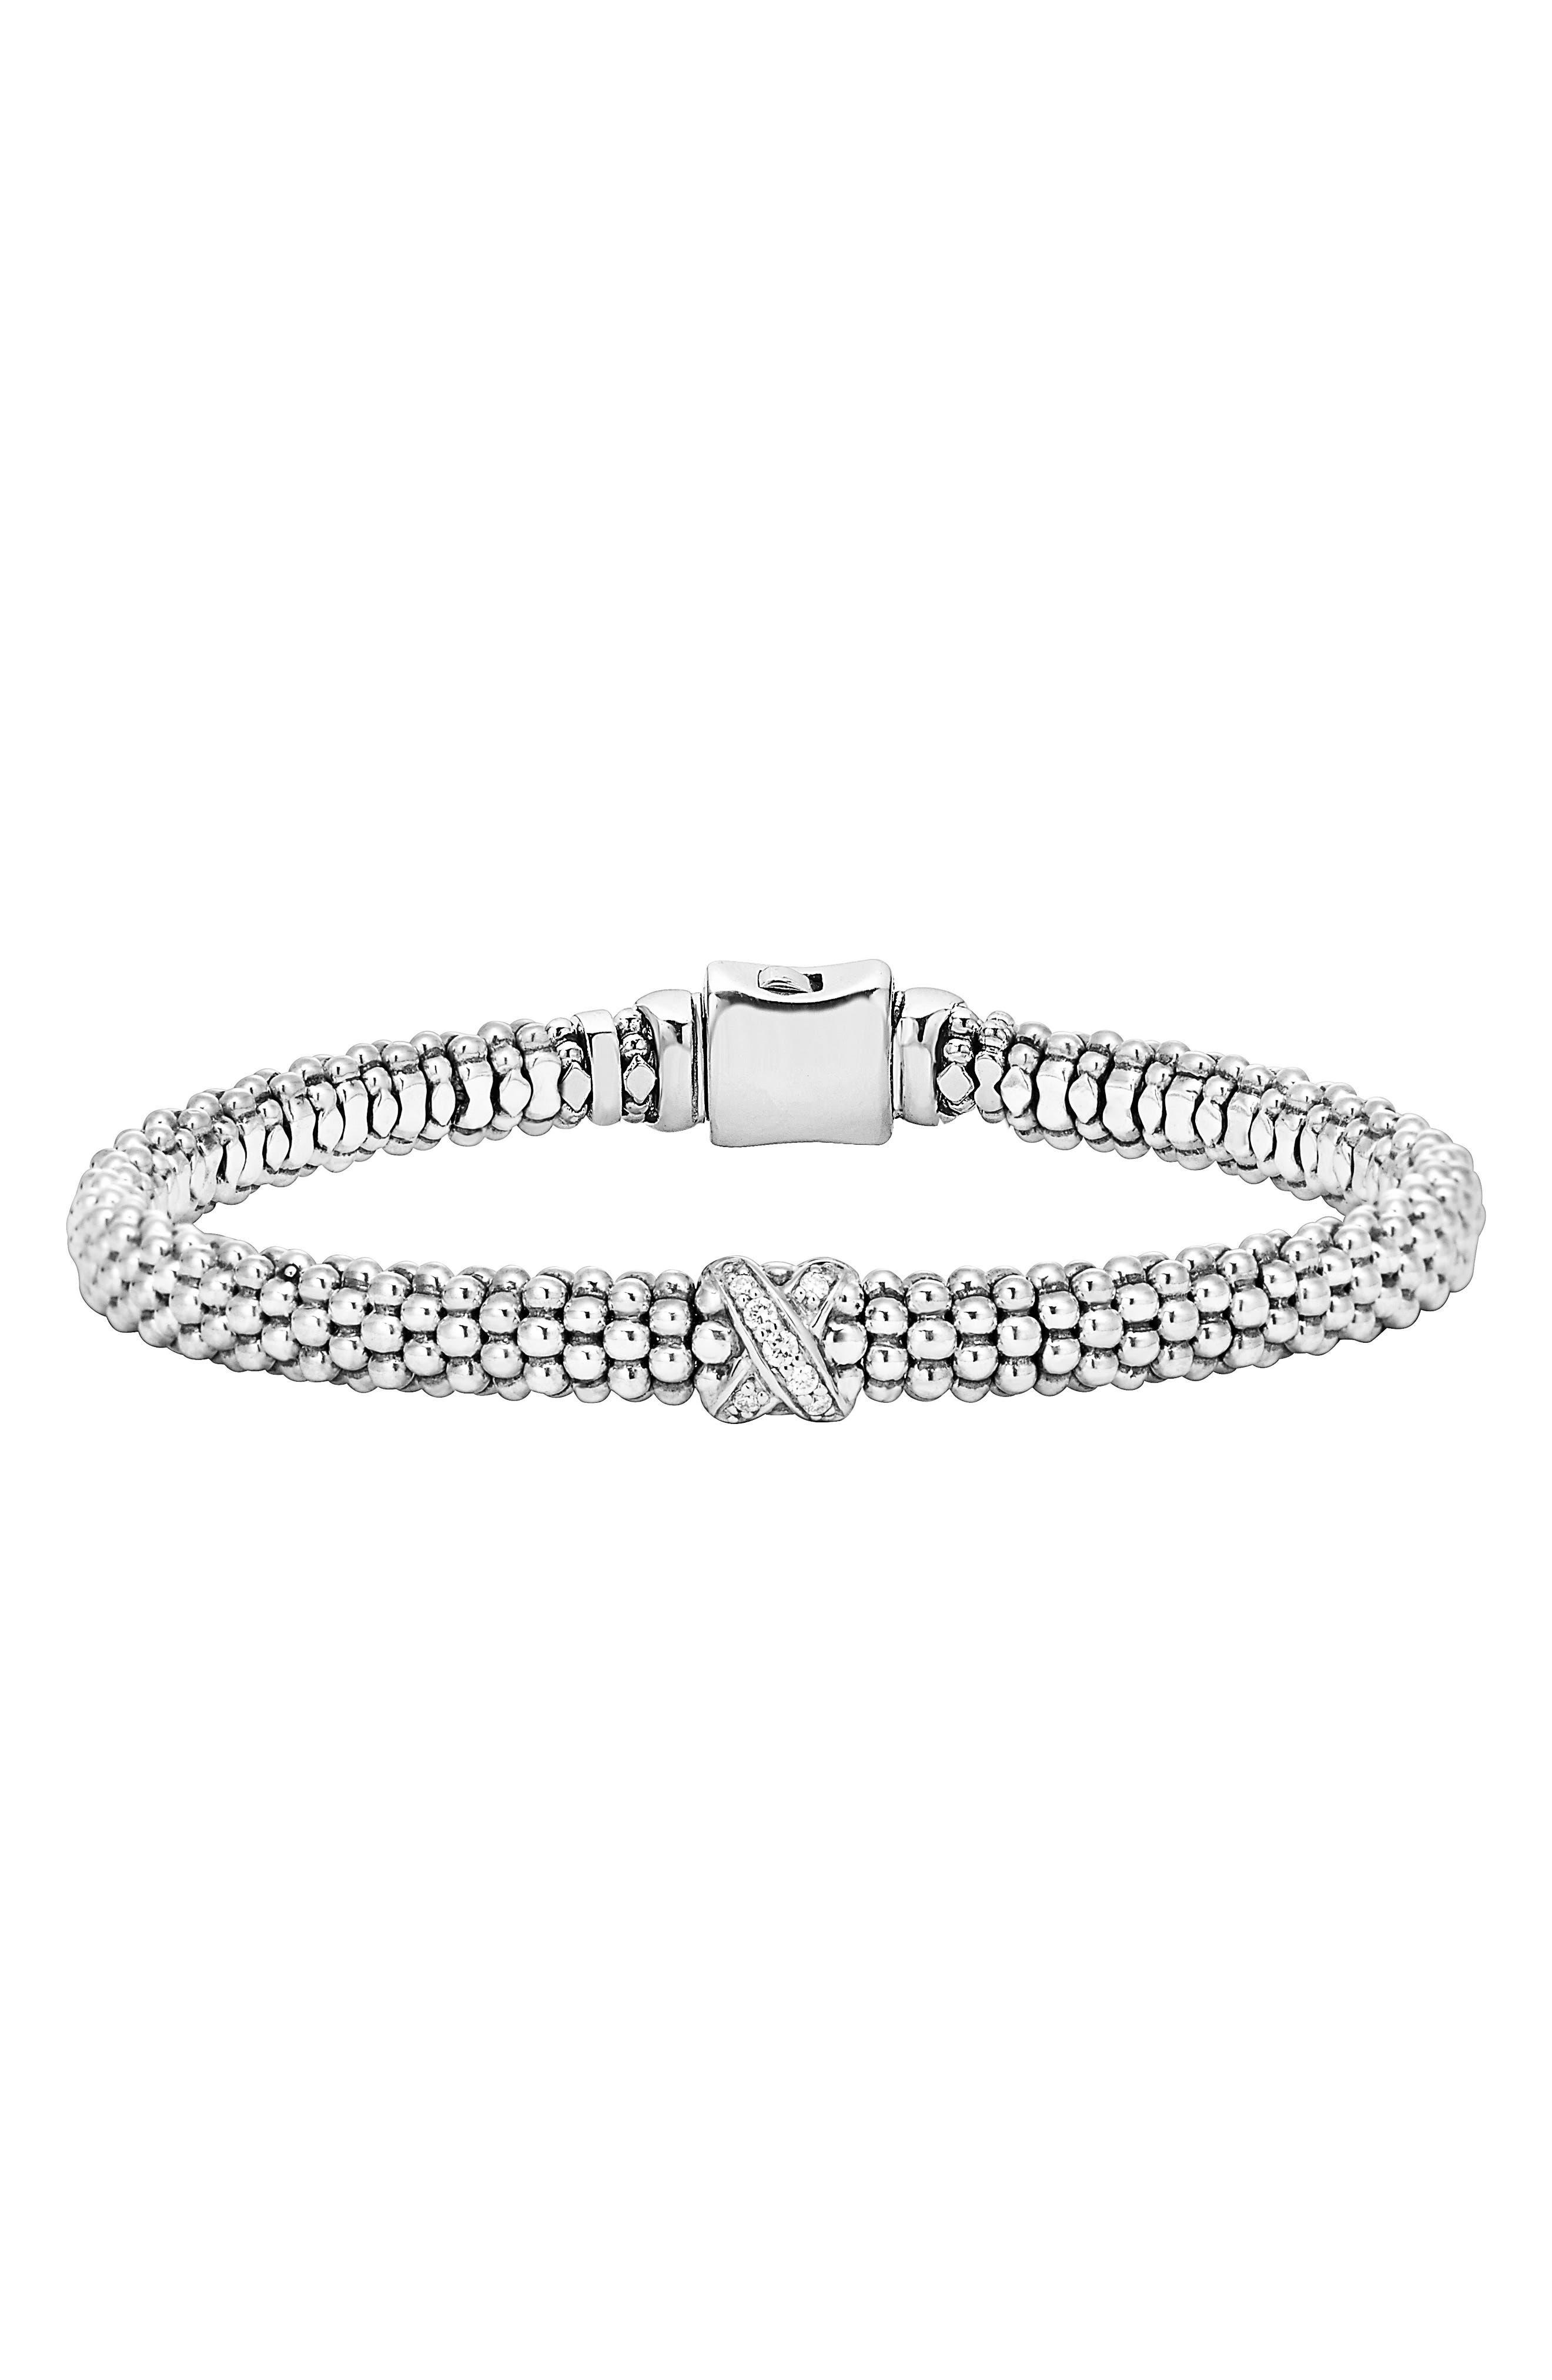 Main Image - LAGOS Caviar 'Signature Caviar' Diamond Rope Bracelet